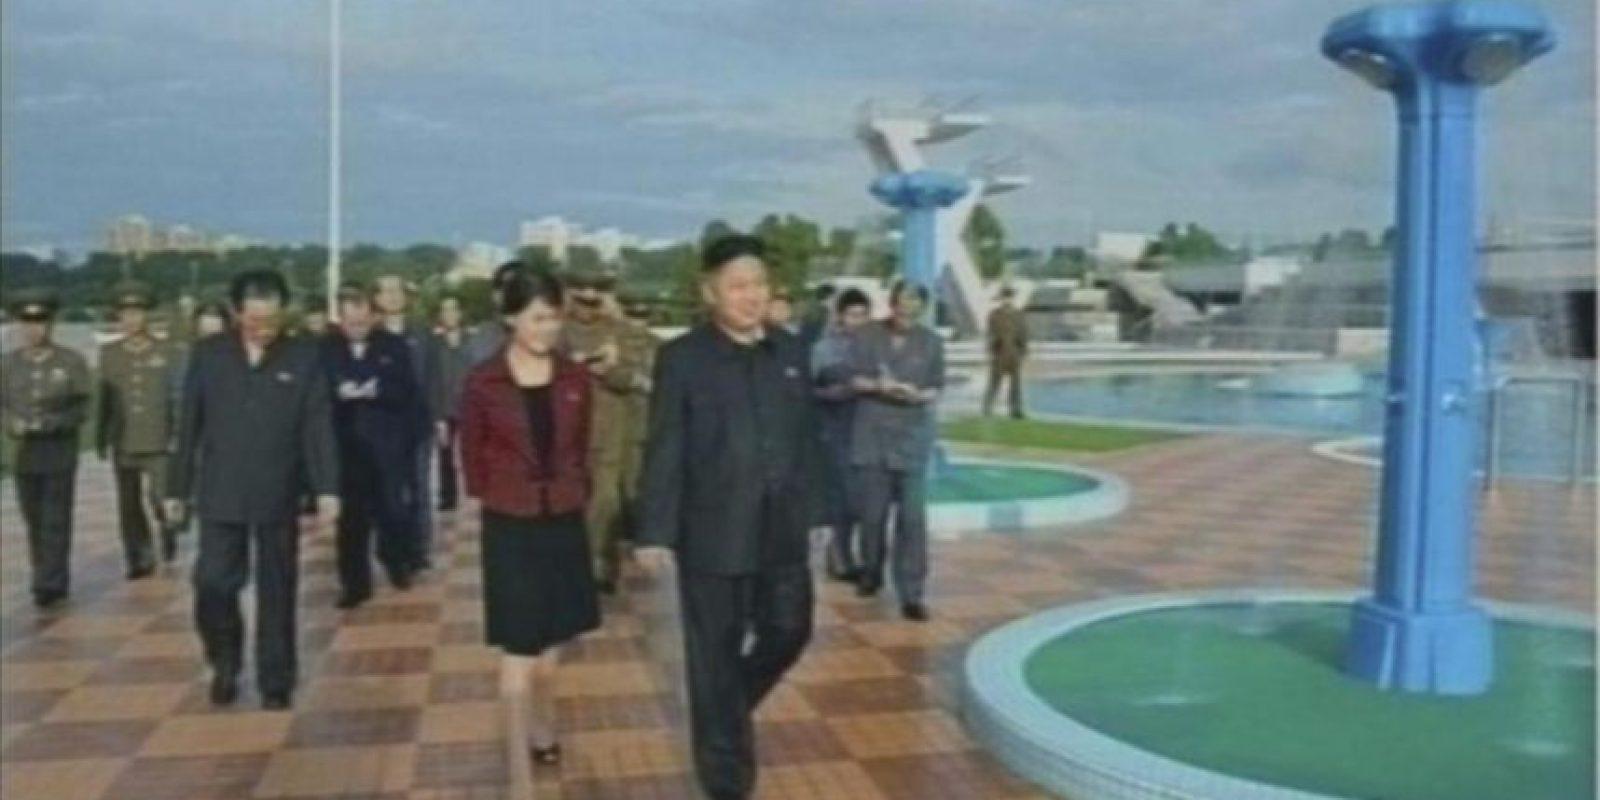 Imagen tomada de un video de la televisión estatal norcoreana hoy, 25 de julio, en la que aparece el líder norcoreano, Kim Jong-un (centro-primer plano), acompañado de la recientemente confirmada como su mujer (a su izq), durante una visita al parque de atracciones Rungra People en Pionyang, Corea del Norte. EFE